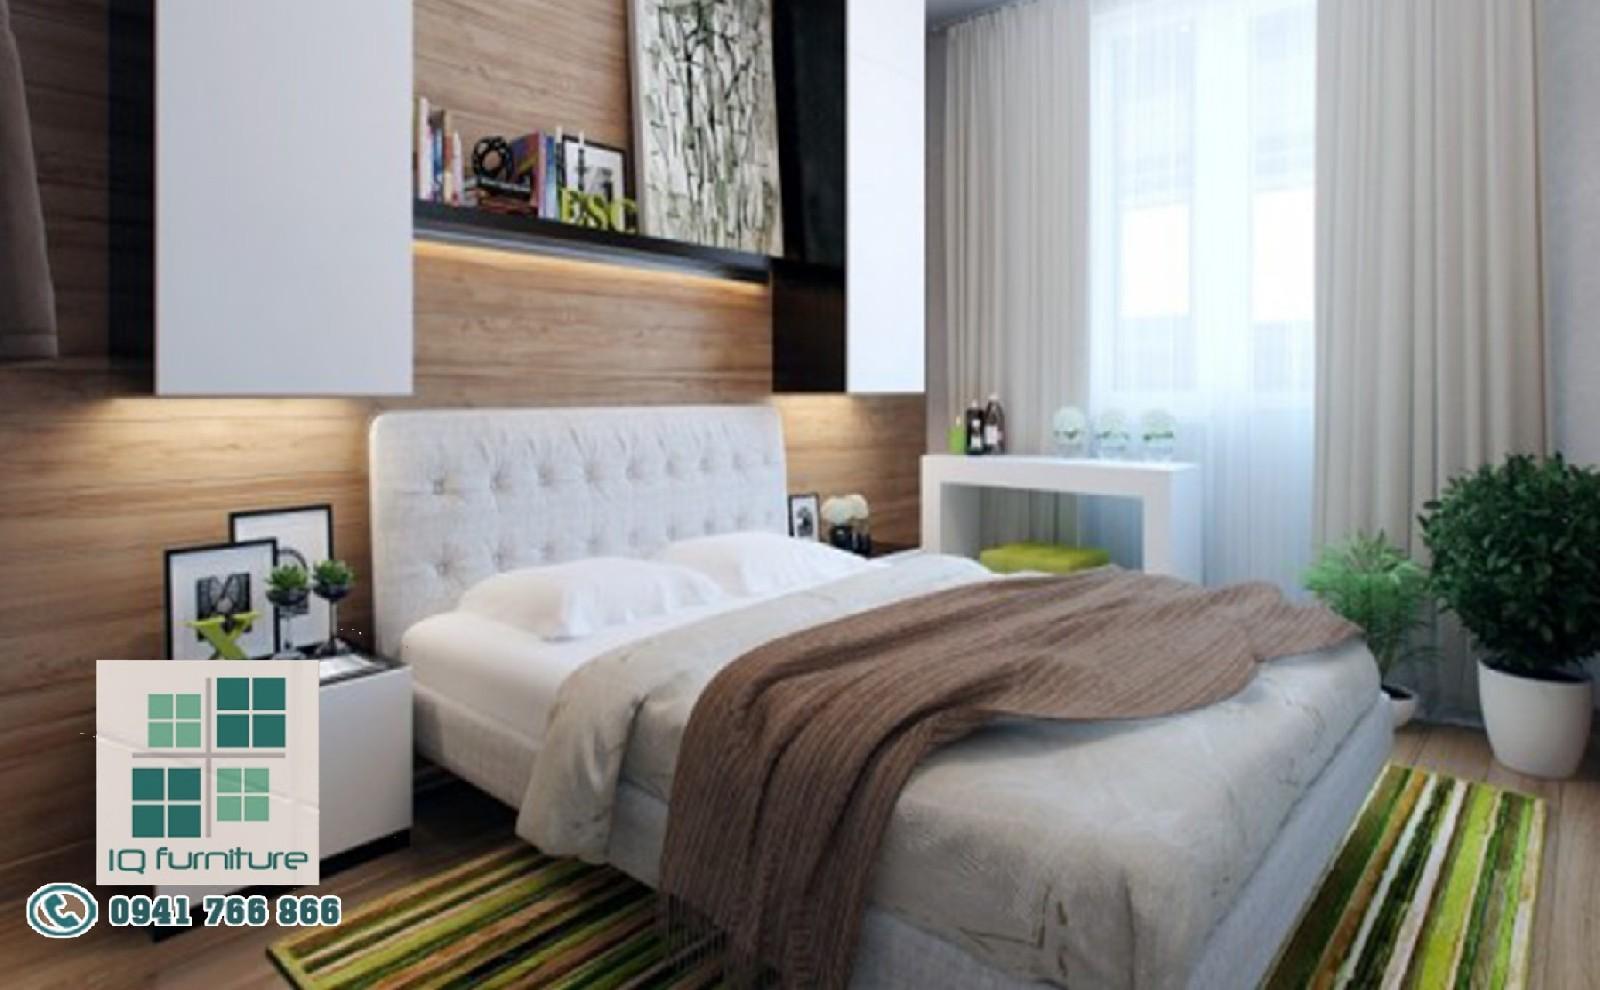 Thiết kế nội thất phòng ngủ Hải Phòng